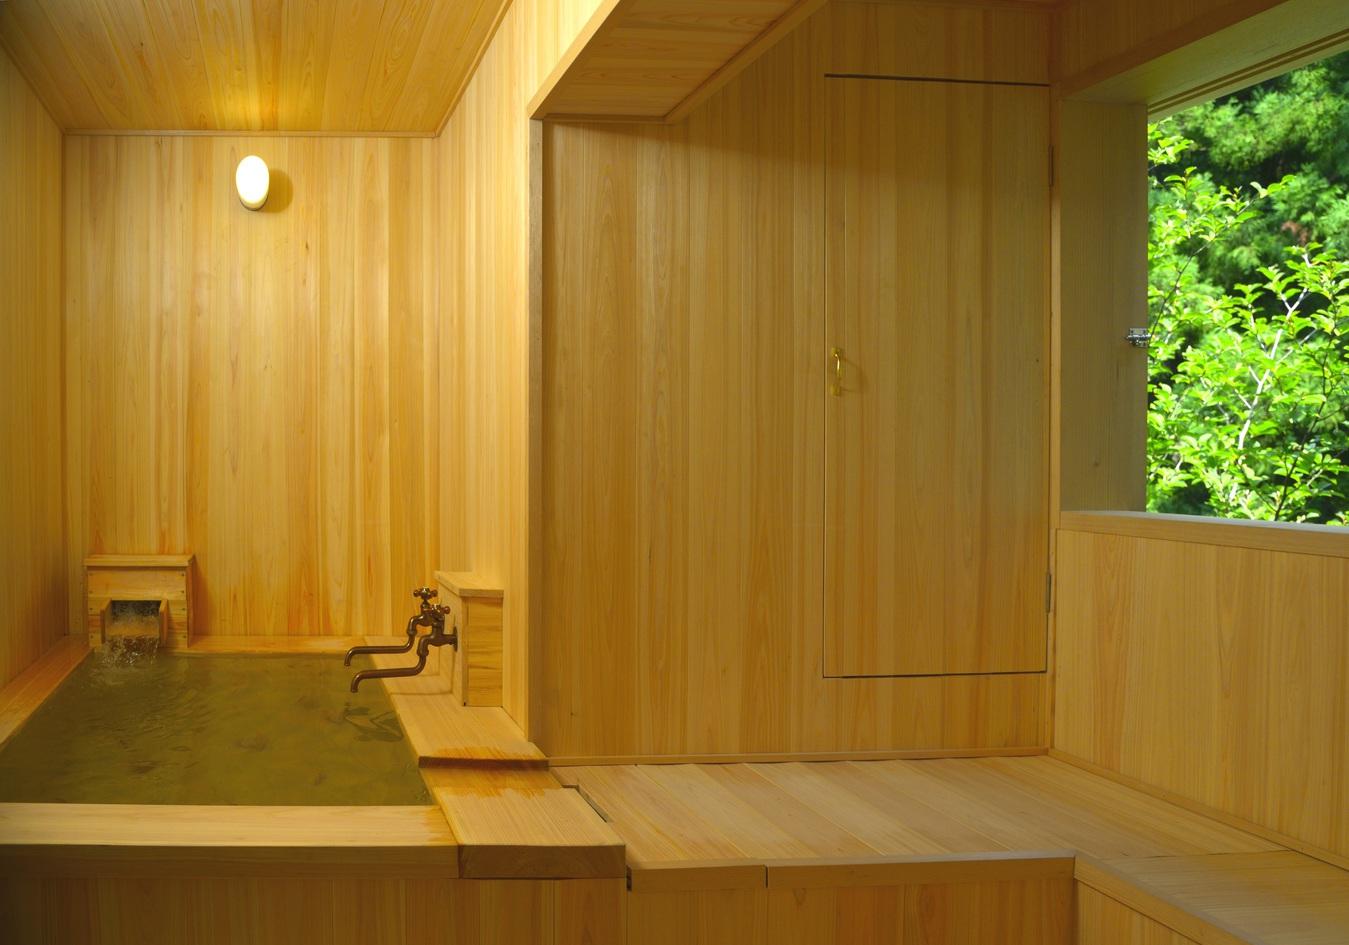 赤城高原温泉 山屋蒼月 関連画像 16枚目 楽天トラベル提供